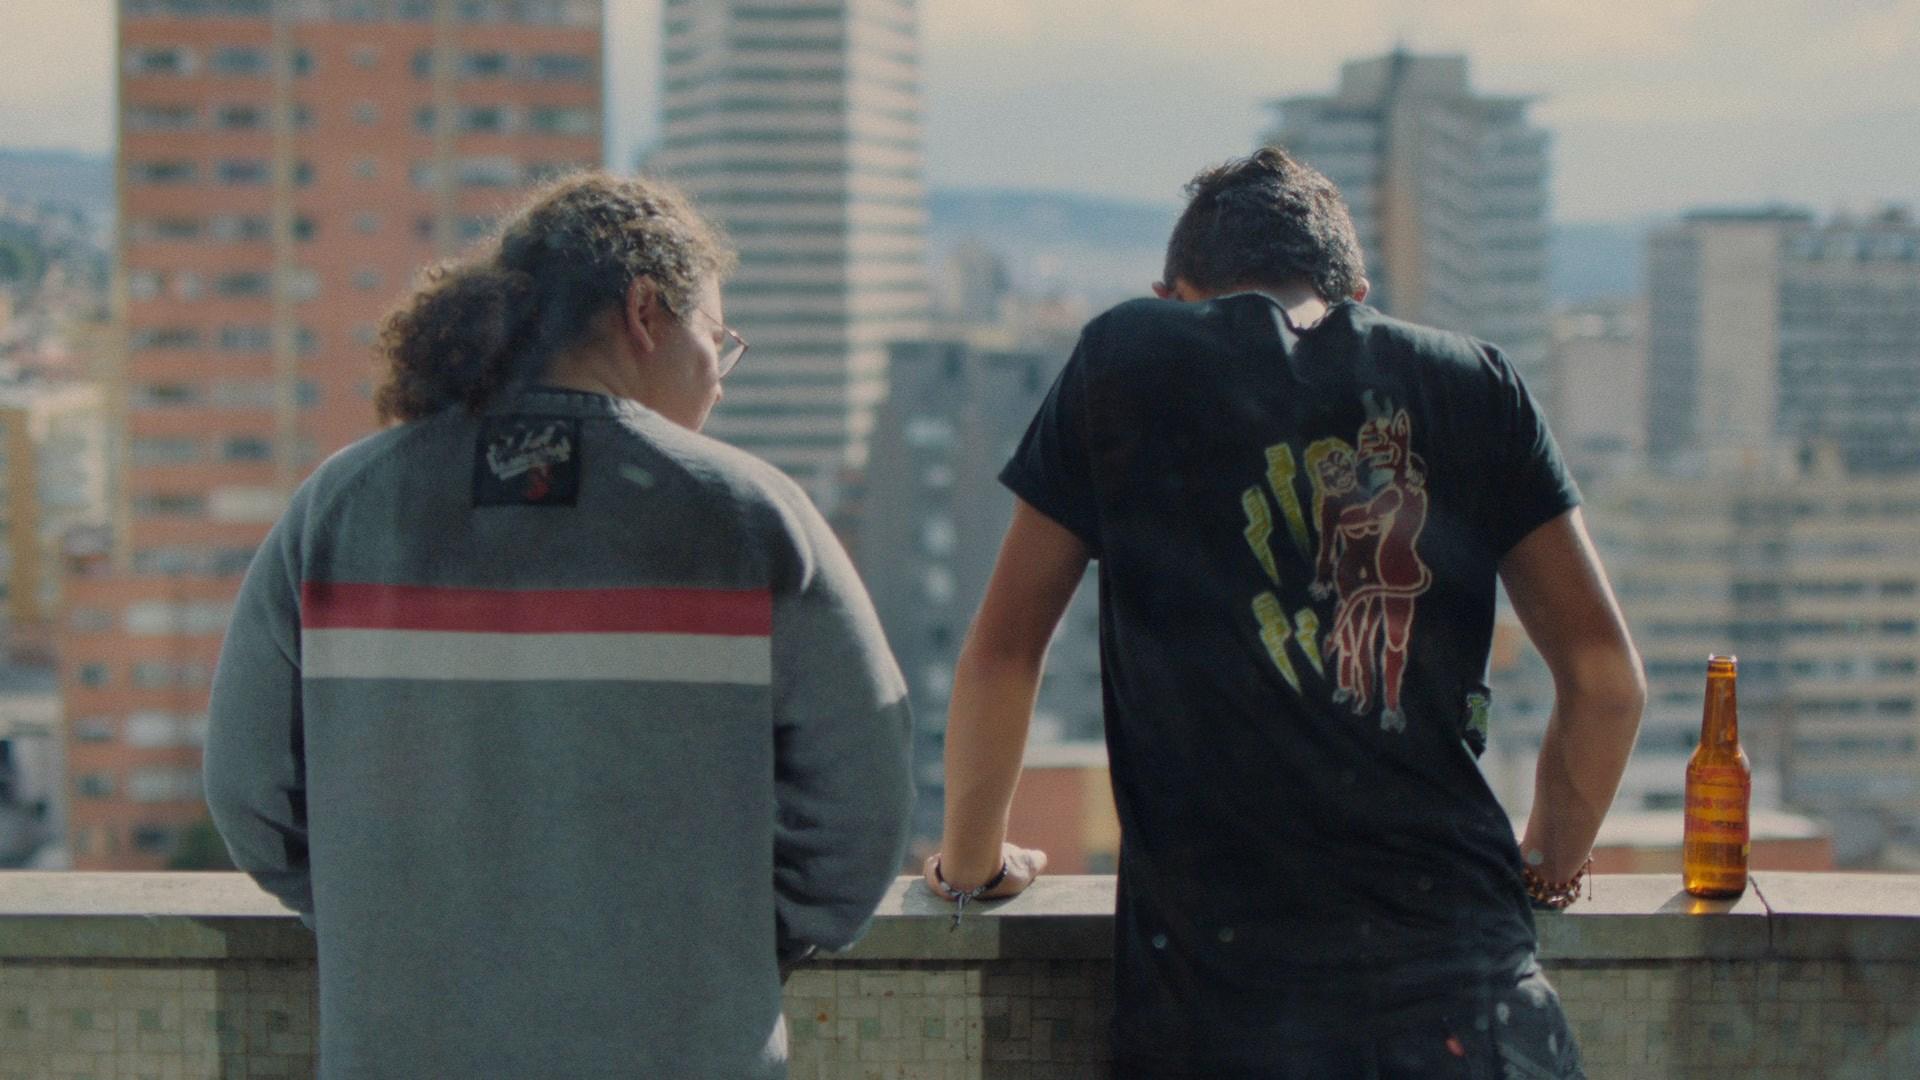 La noche de la bestia (2020) 1080p Remux Latino